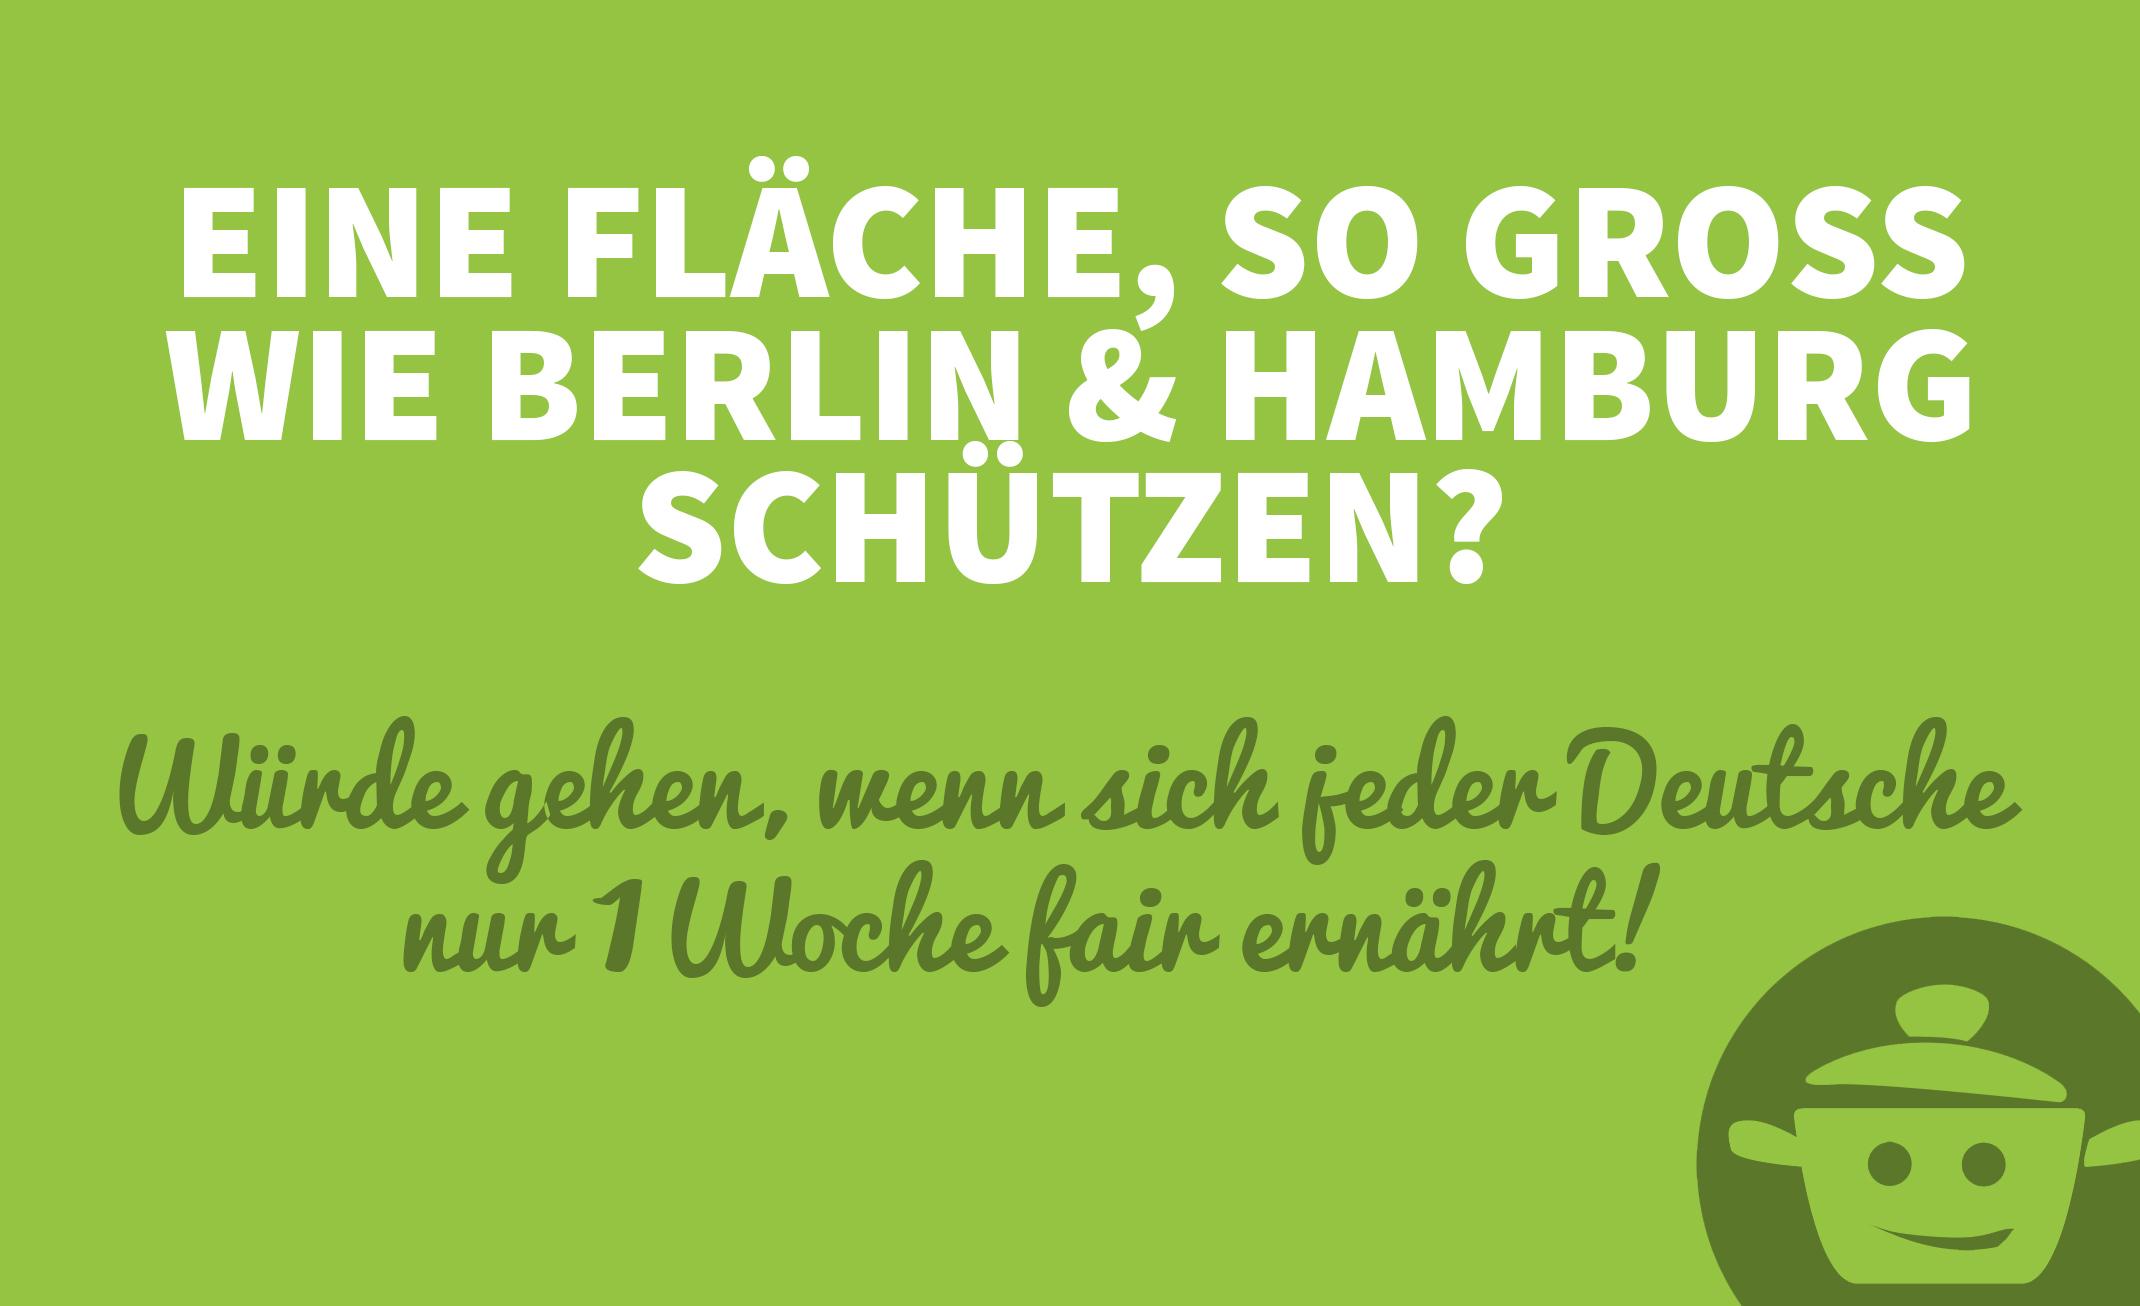 flaeche_schuetzen